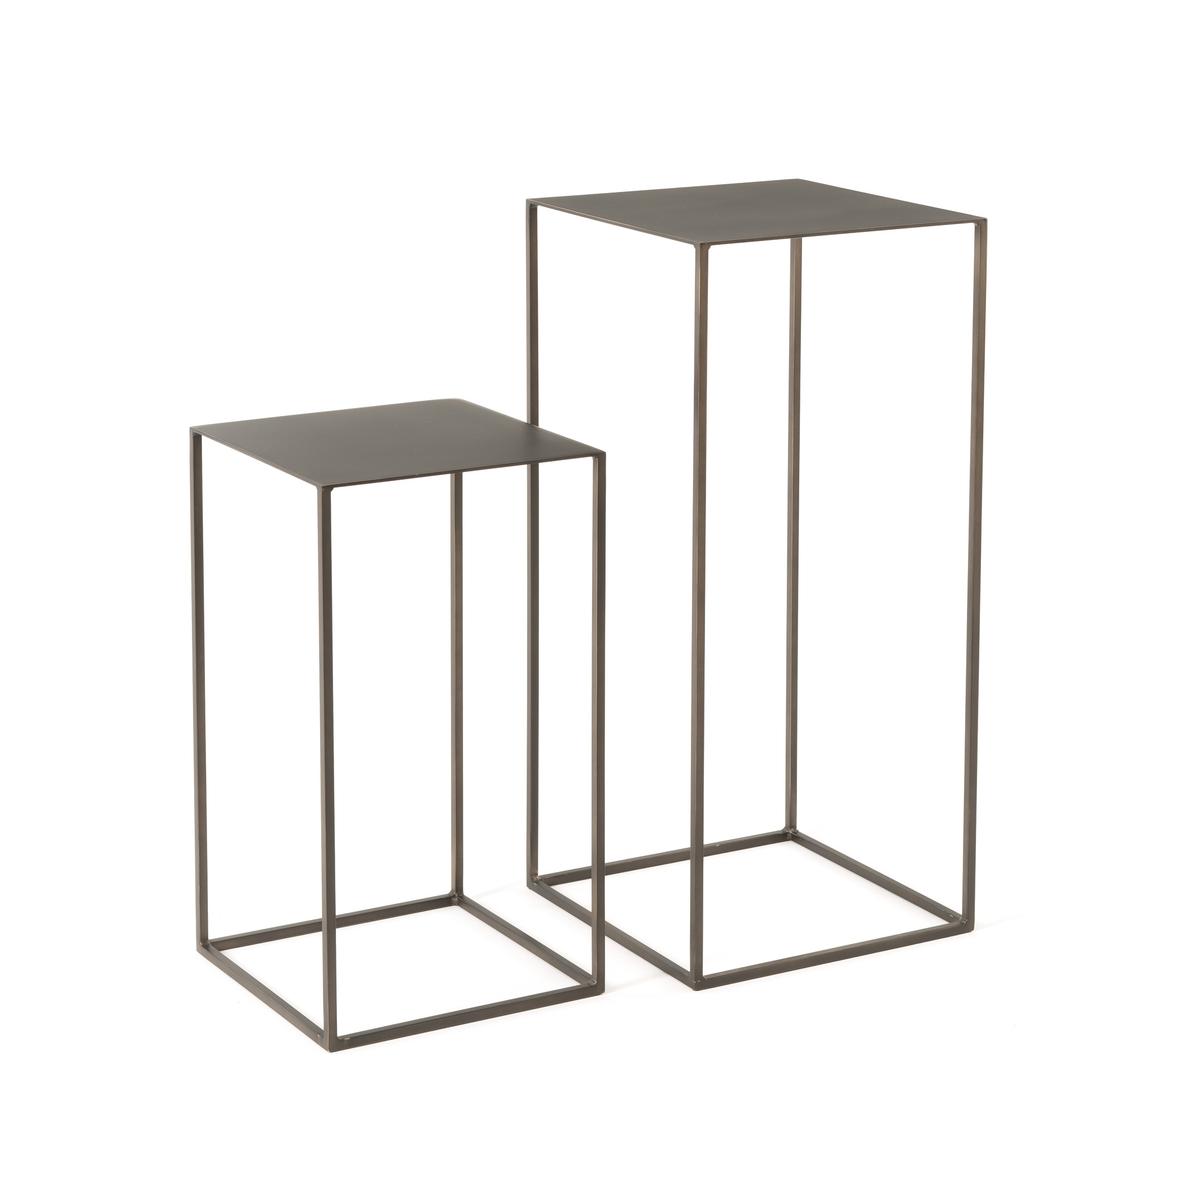 2 скамьи составные из металла Omyxie2 скамьи Omyxie . Изысканный современный дизайн, утонченное и легкое исполнение .Характеристики : - Металл с состаренным эффектом - Доставляются в собранном виде. Размеры: - Ш.34 x В.74 x Г.34 см - Ш.30 x В.54 x Г.30 см<br><br>Цвет: темно-серый металл